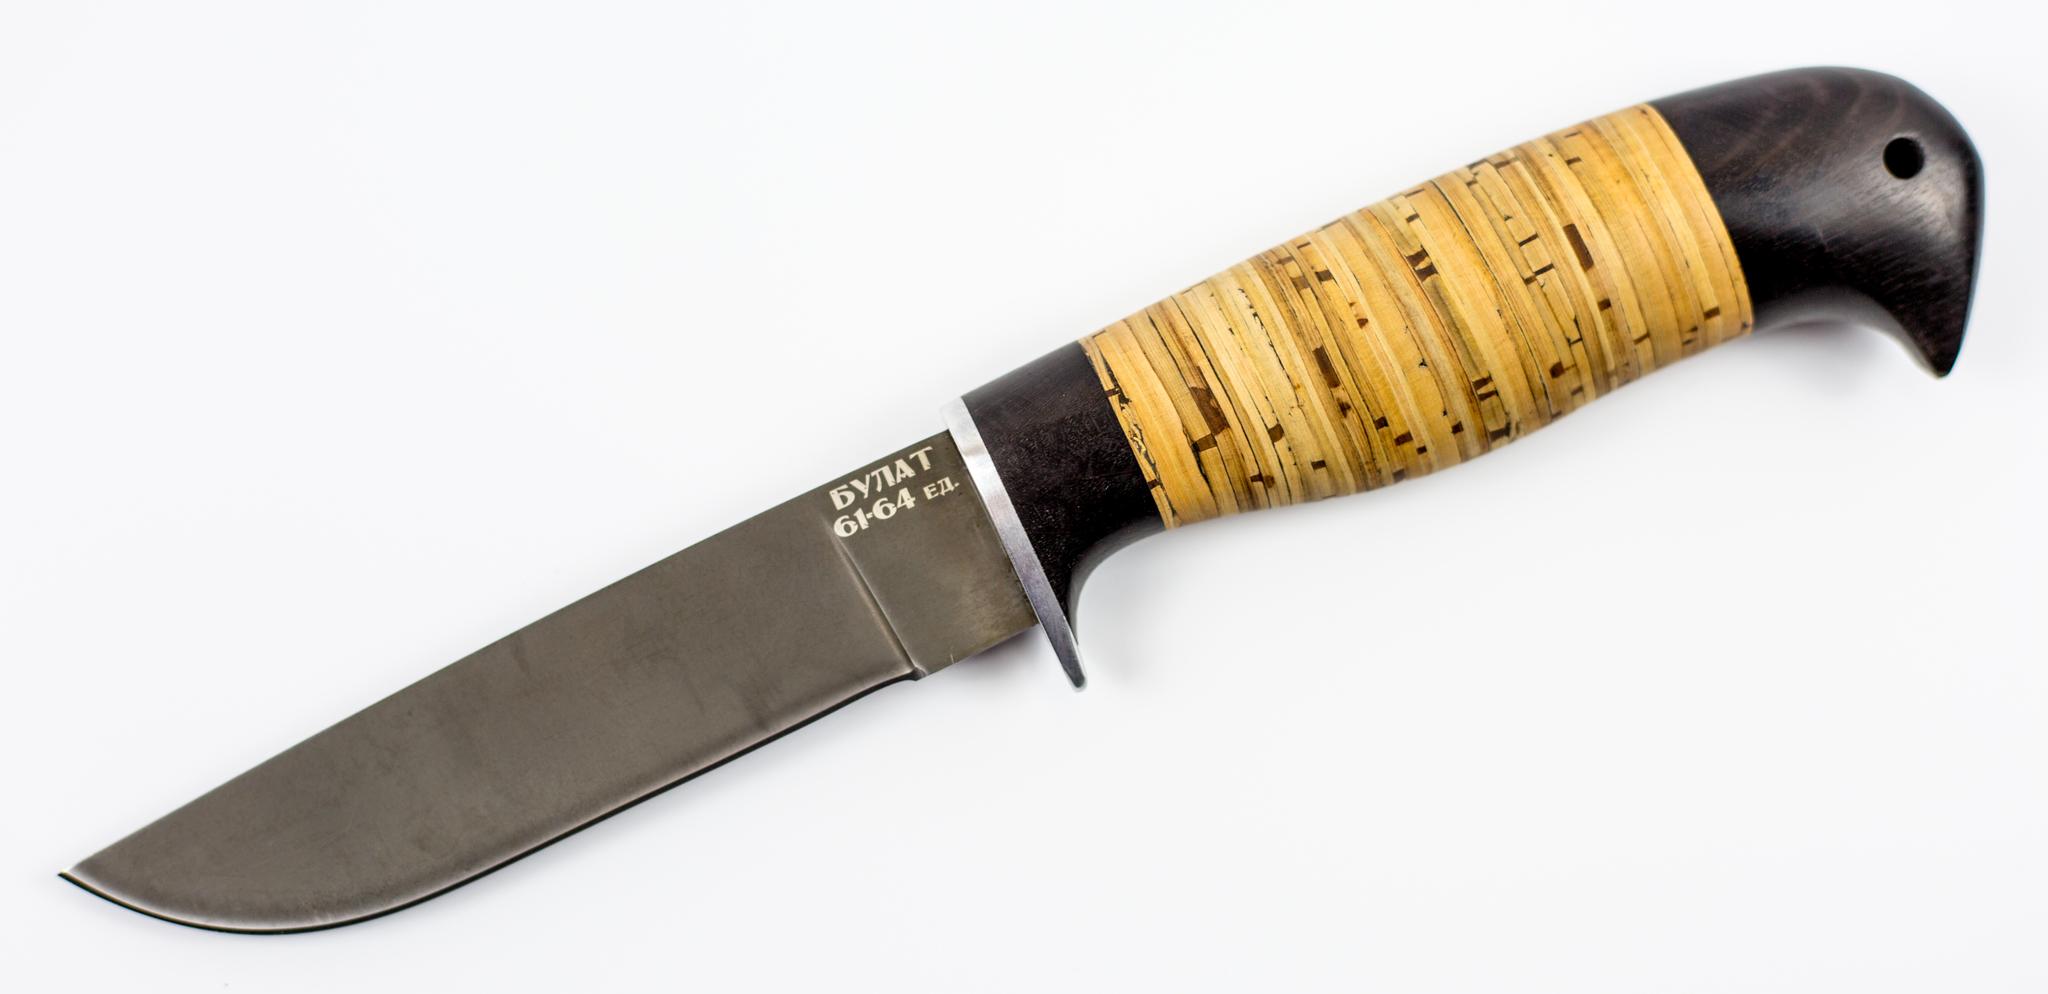 Нож Белка, булат от Кузница Коваль